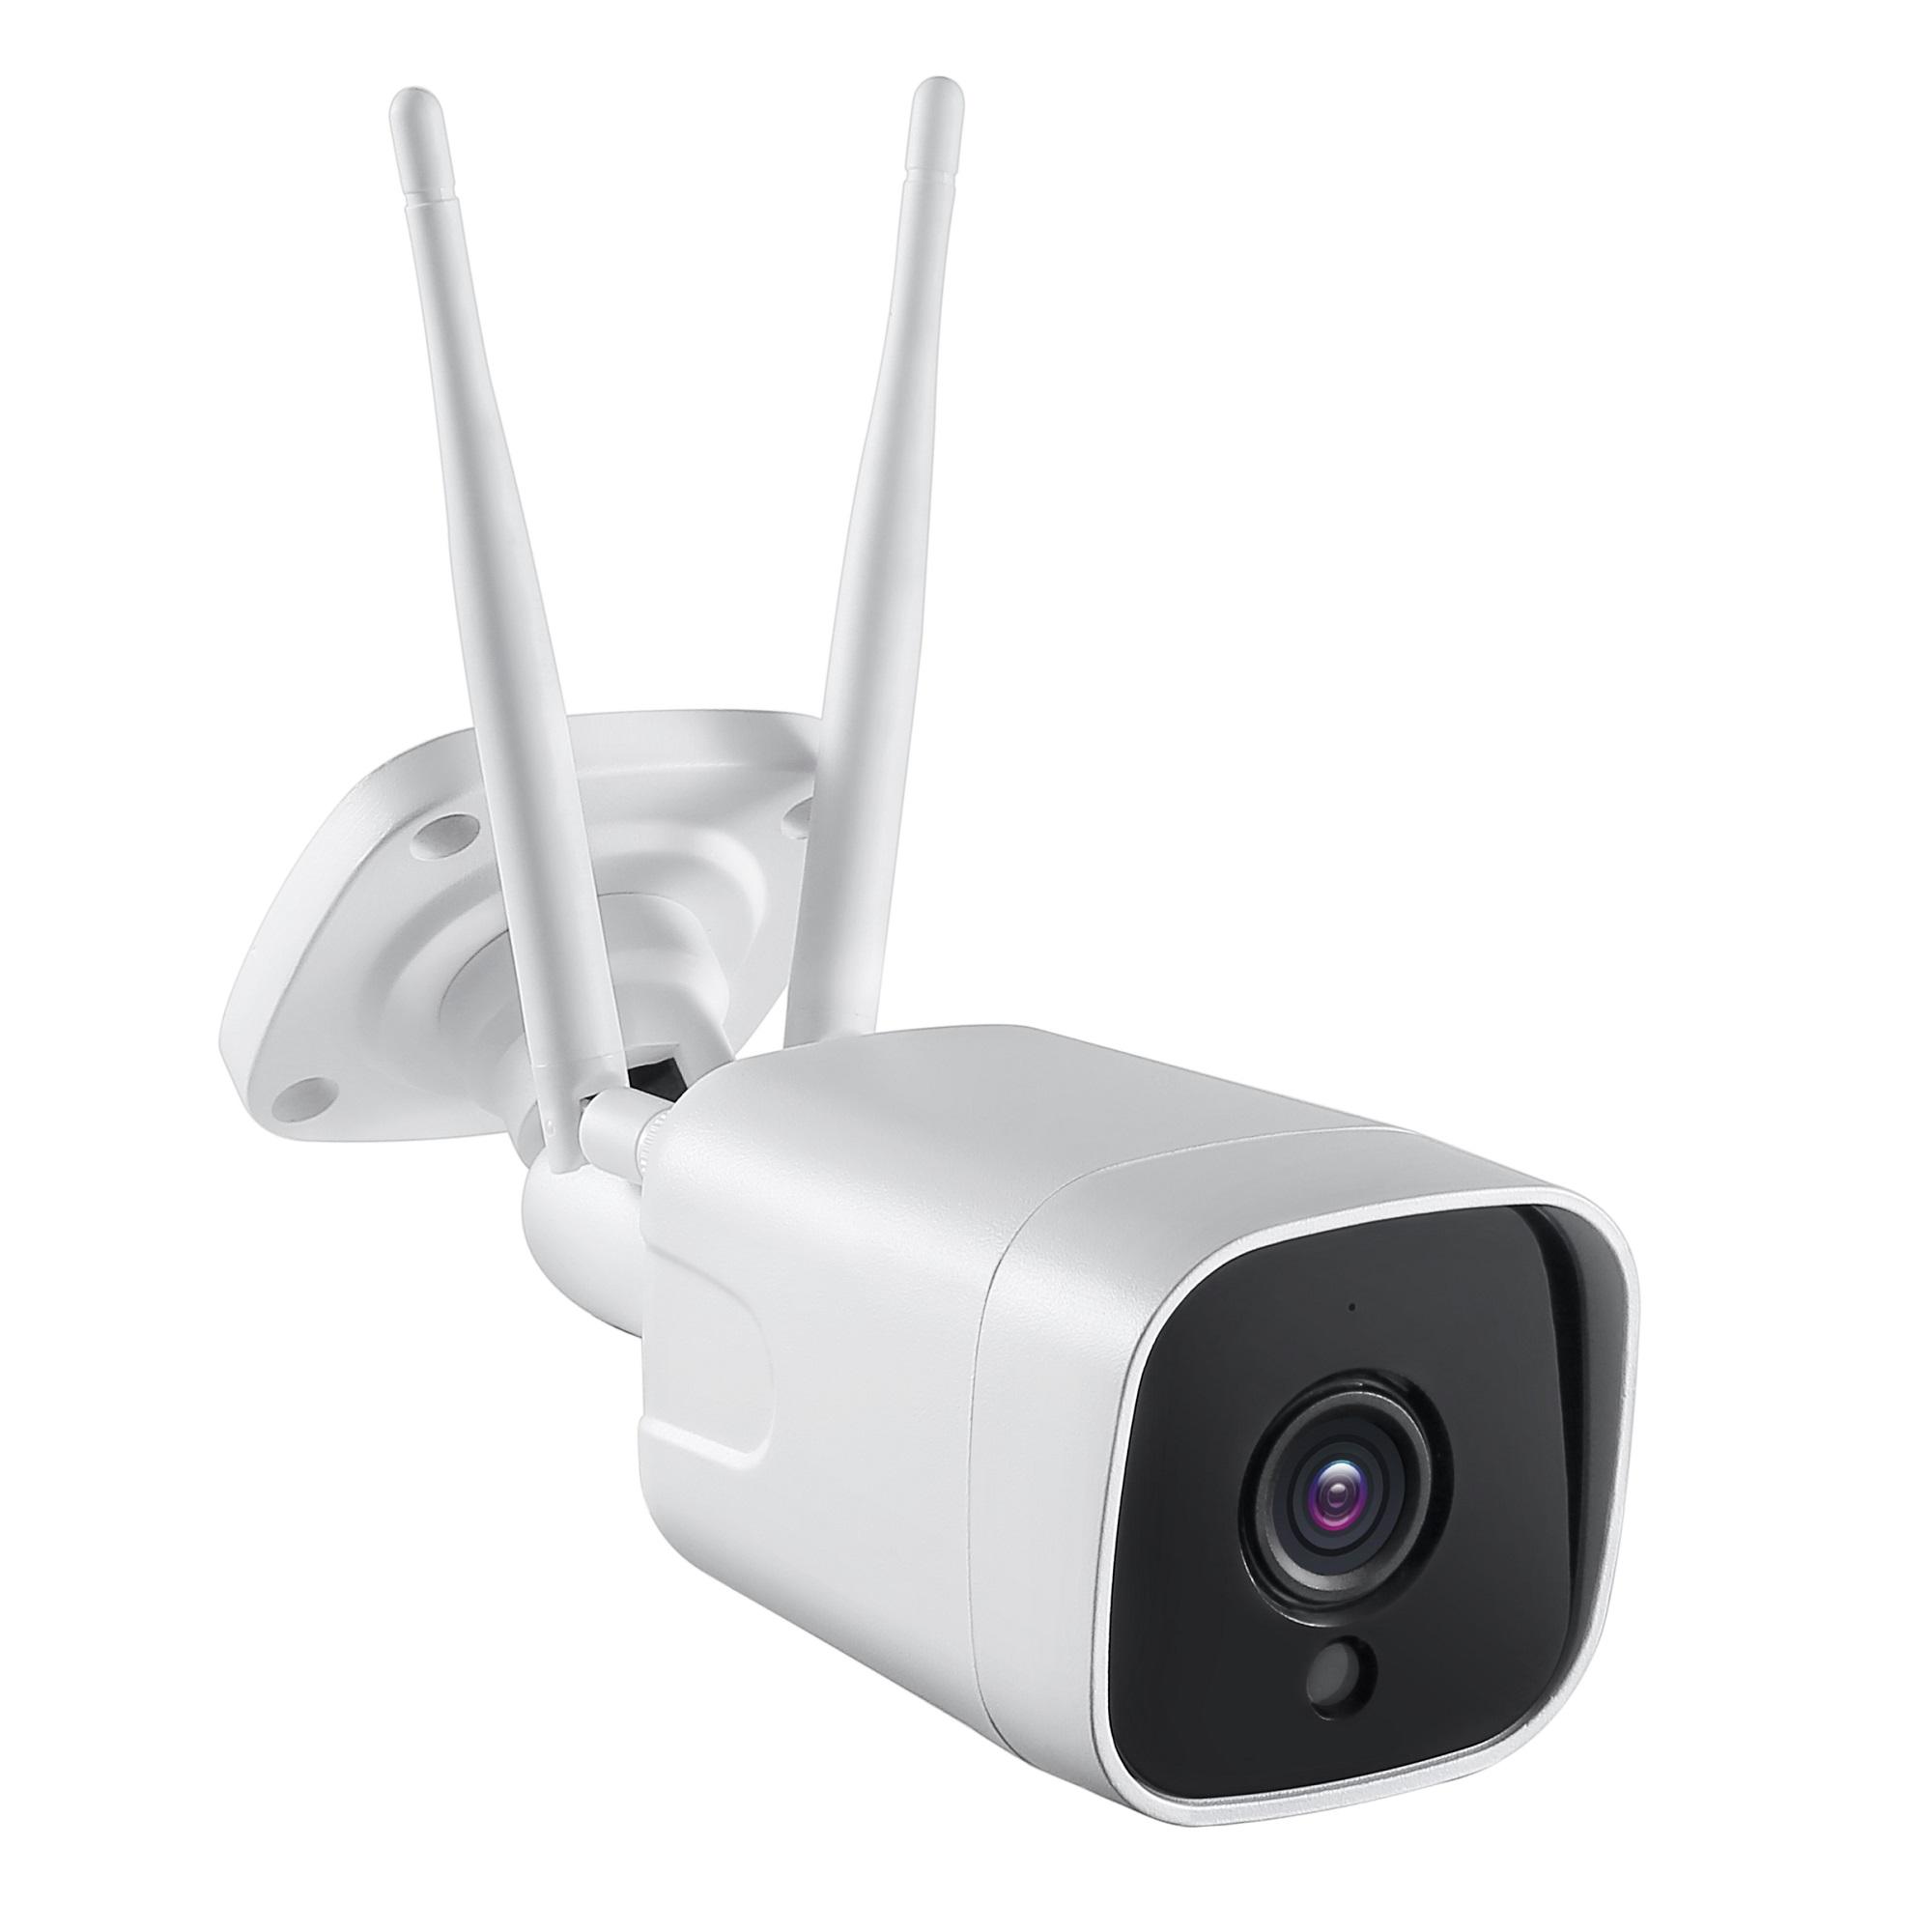 Κάμερα ANGA AQ-8103ISW HD1080P 2MP H.264 4G Wireless GSM SIM Card  SONY Starvis IMX335+Huawei Hisilicon Waterproof,με εφαρμογή CamHi 12V power supply